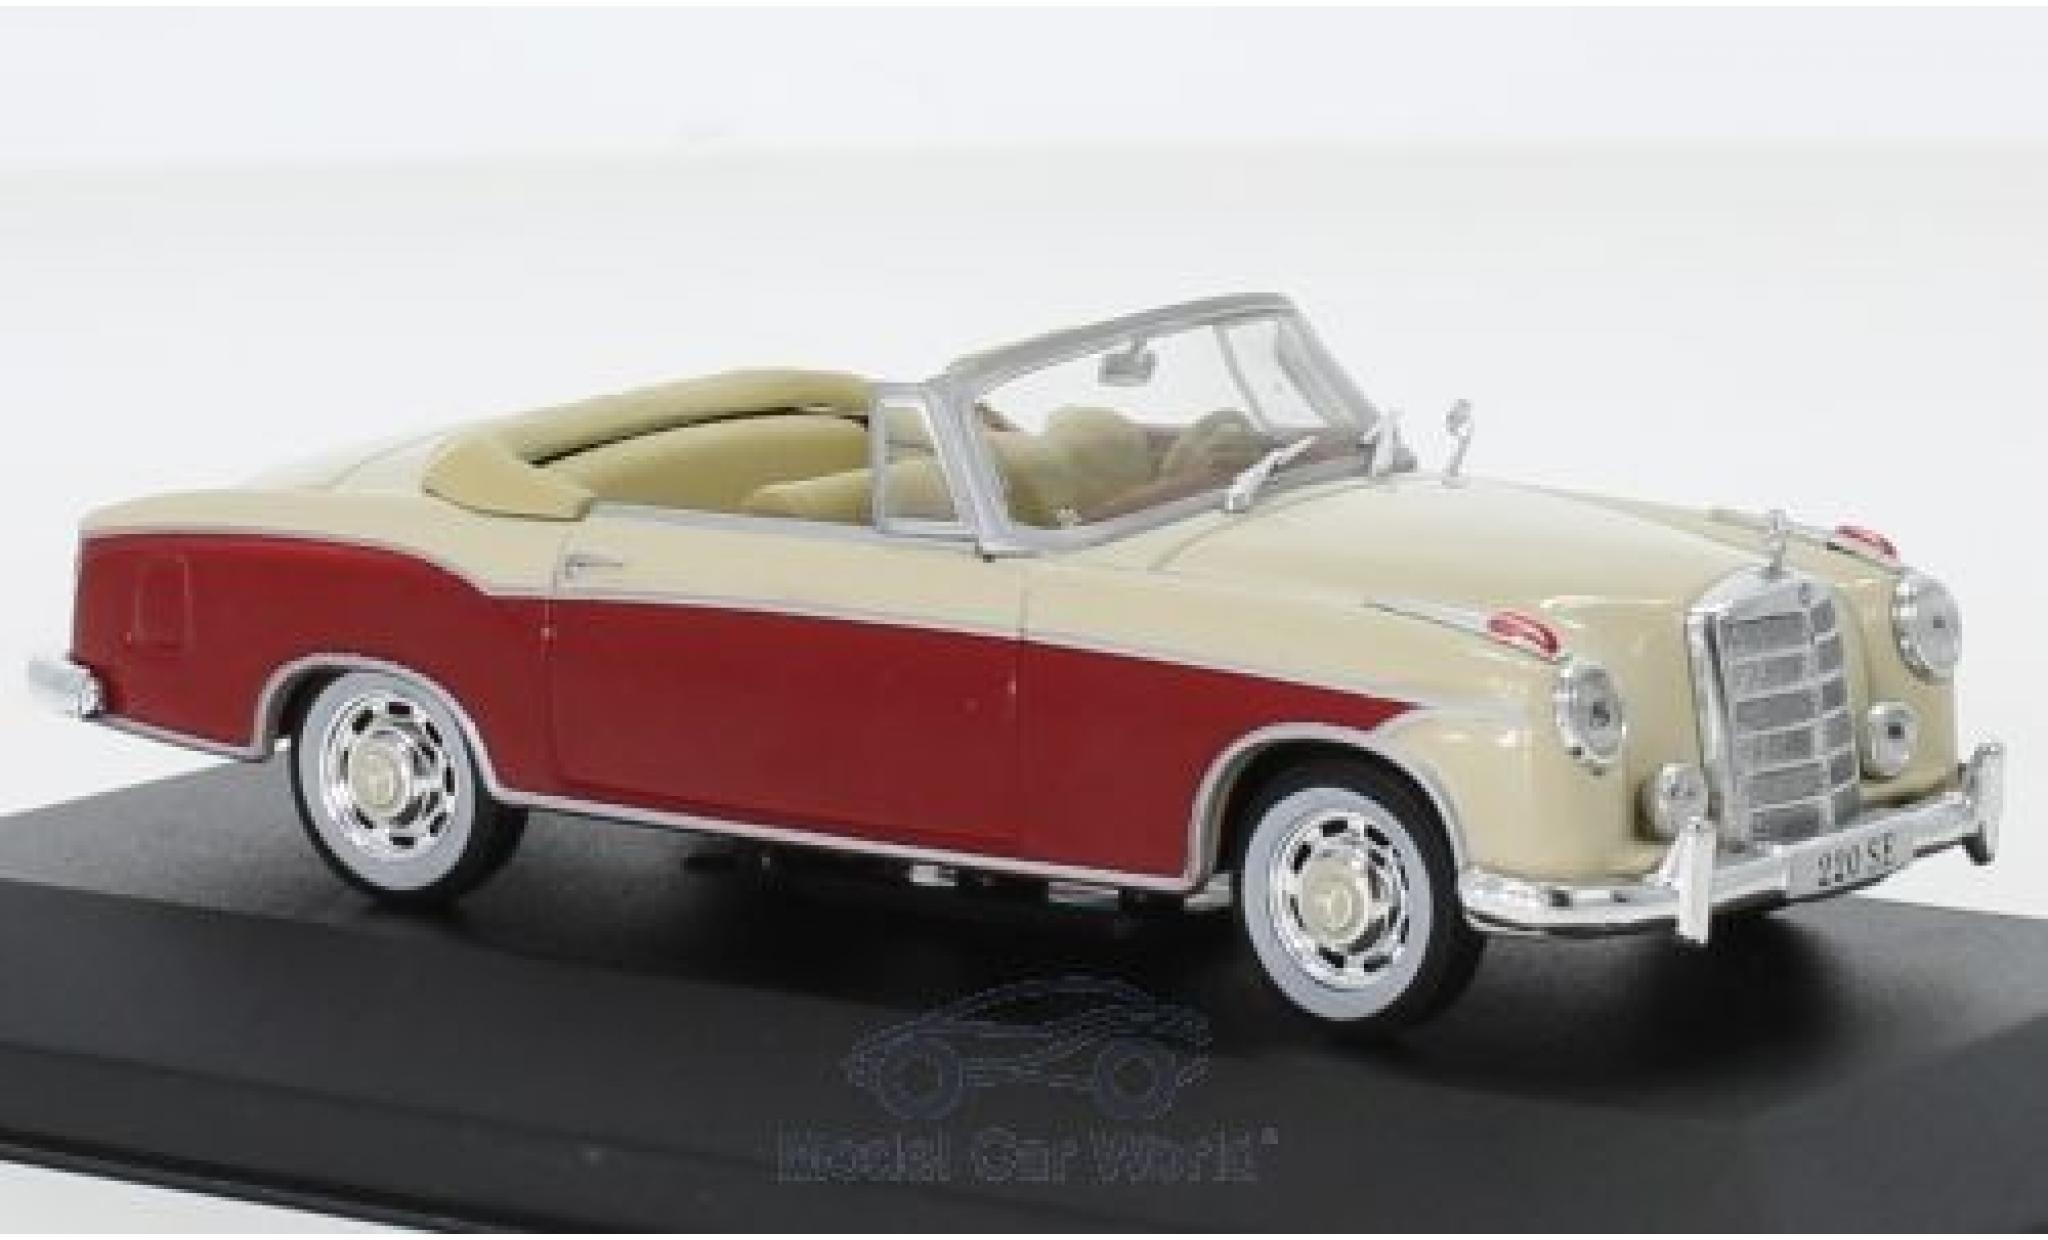 Mercedes 220 1/43 Pct SE (W128) Cabriolet rouge/beige 1958